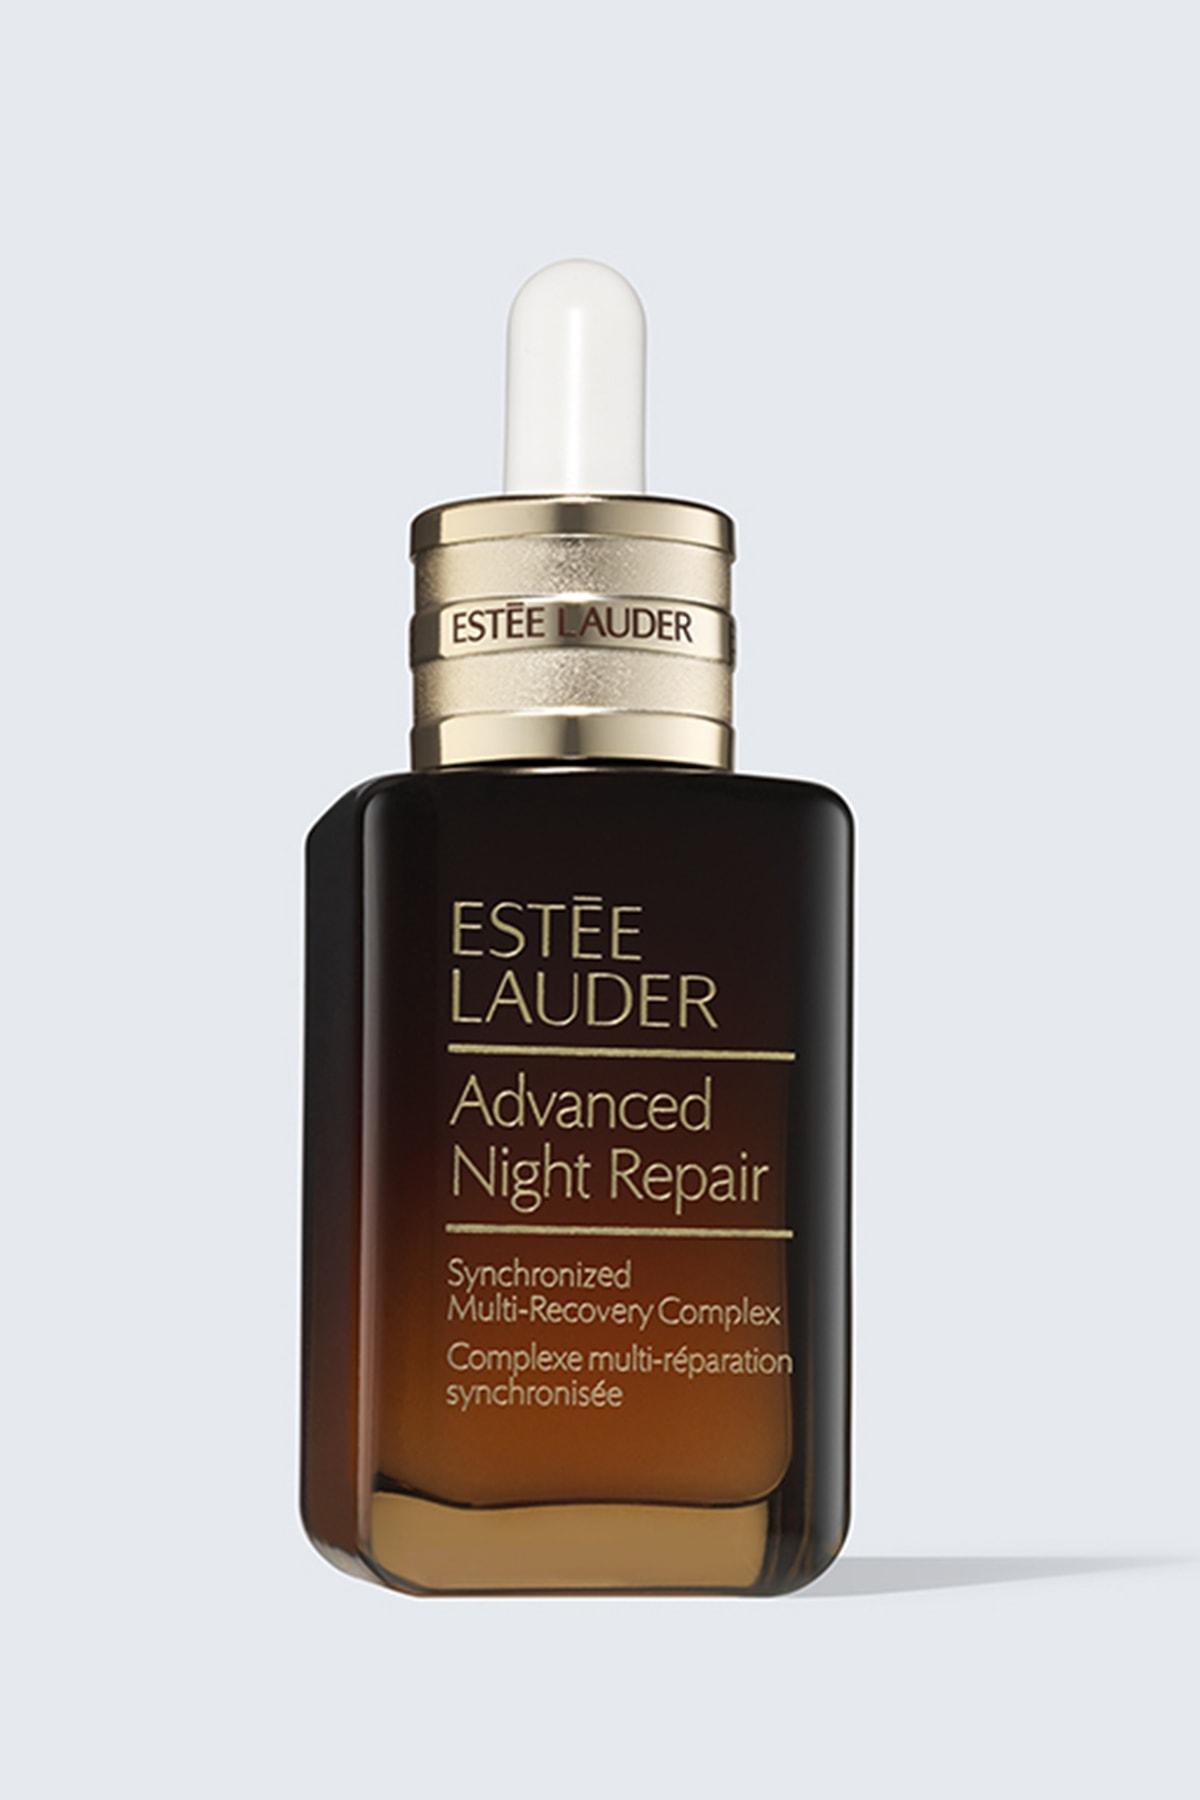 Estee Lauder Yaşlanma Karşıtı Gece Serumu - Advanced Night Repair Onarıcı Gece Serumu 20 ml 887167485495 2